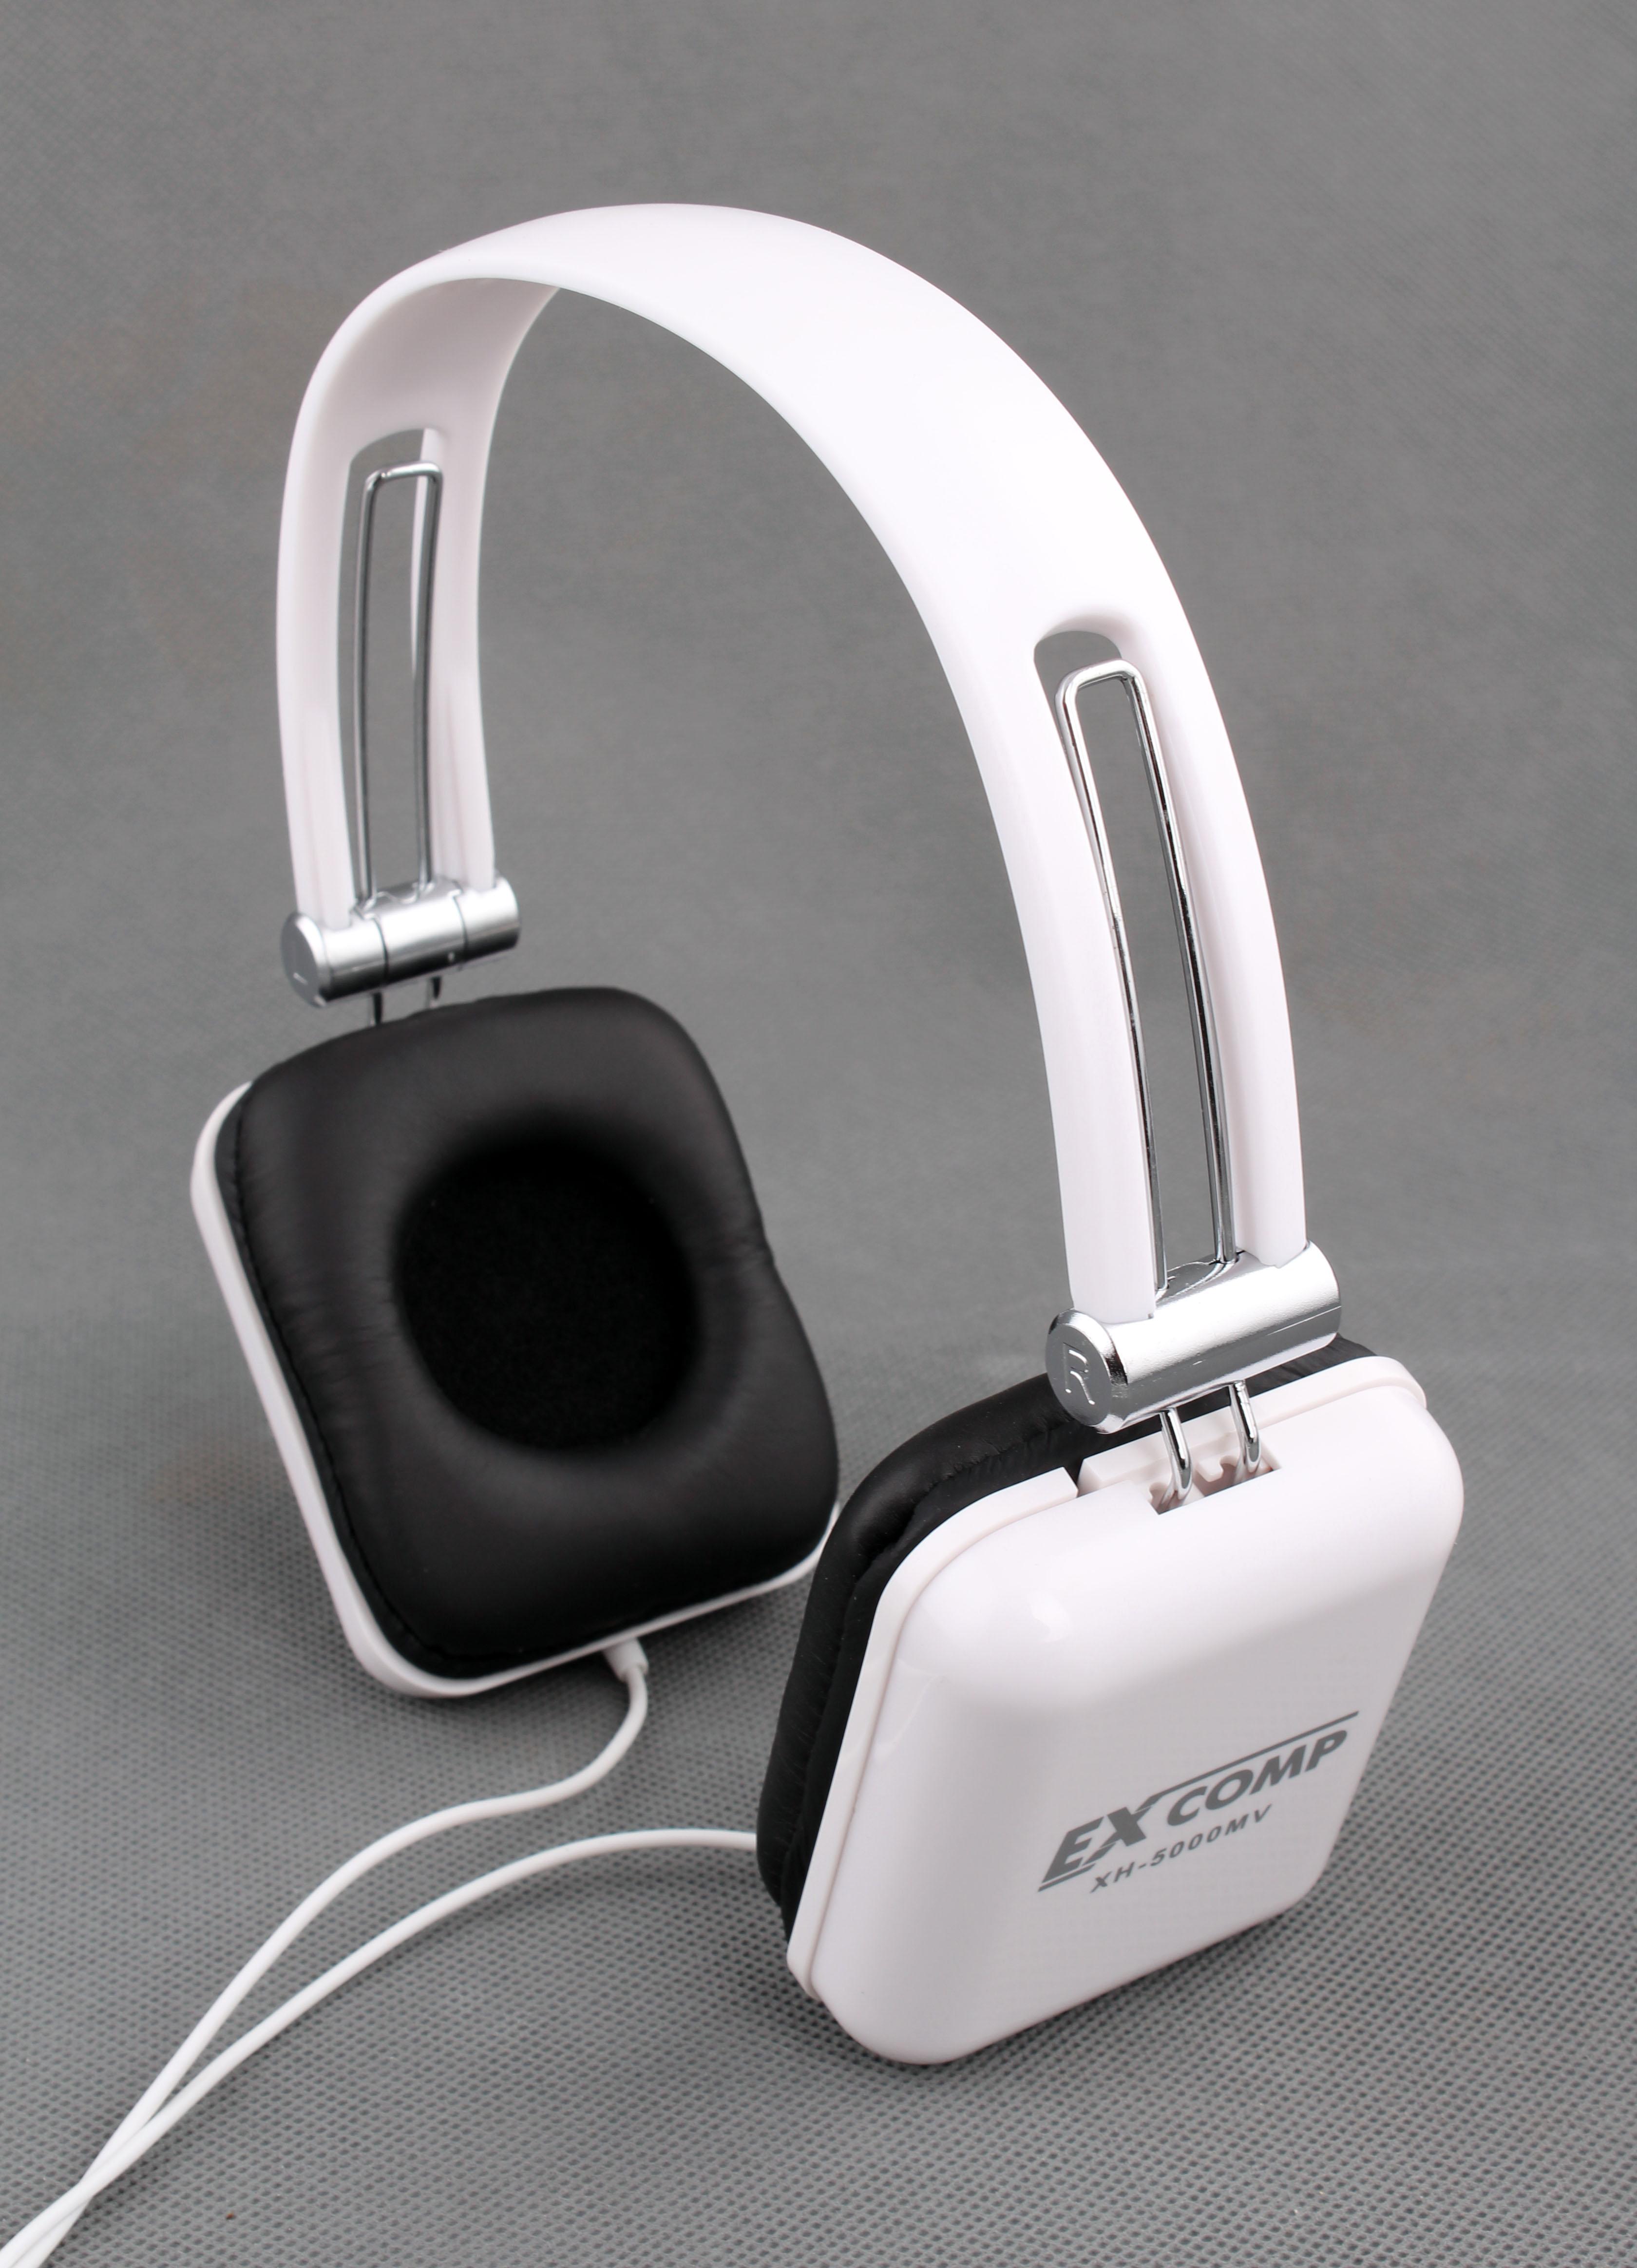 Наушники с микрофоном Excomp Real Brand Technics 399.000